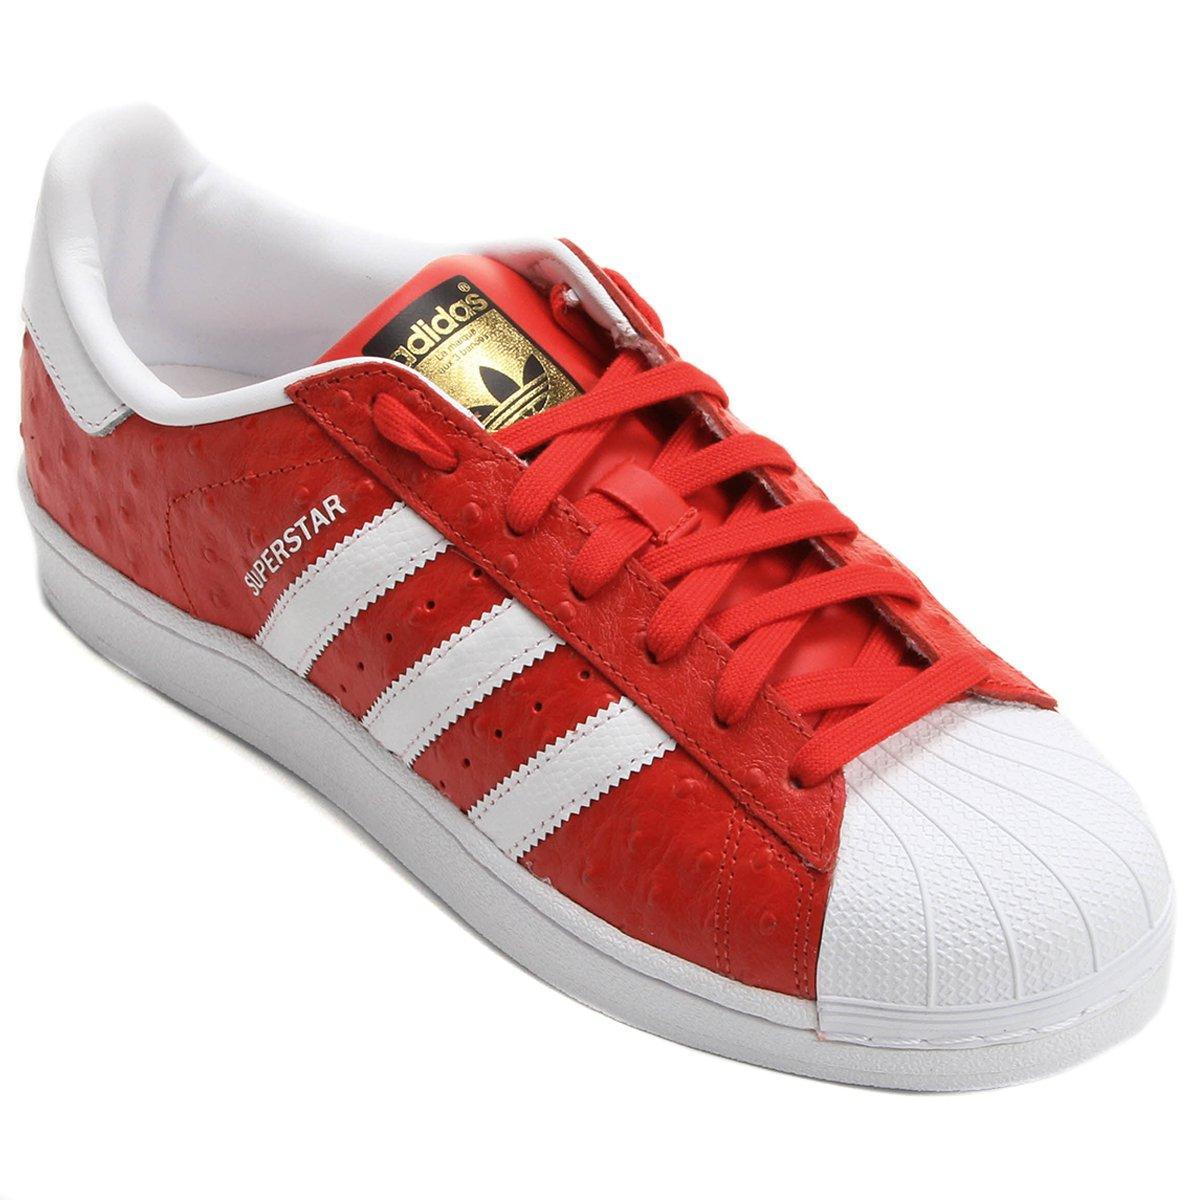 c953634ac2 ... hot tênis adidas superstar animal pack compre agora netshoes 7e47b 37130